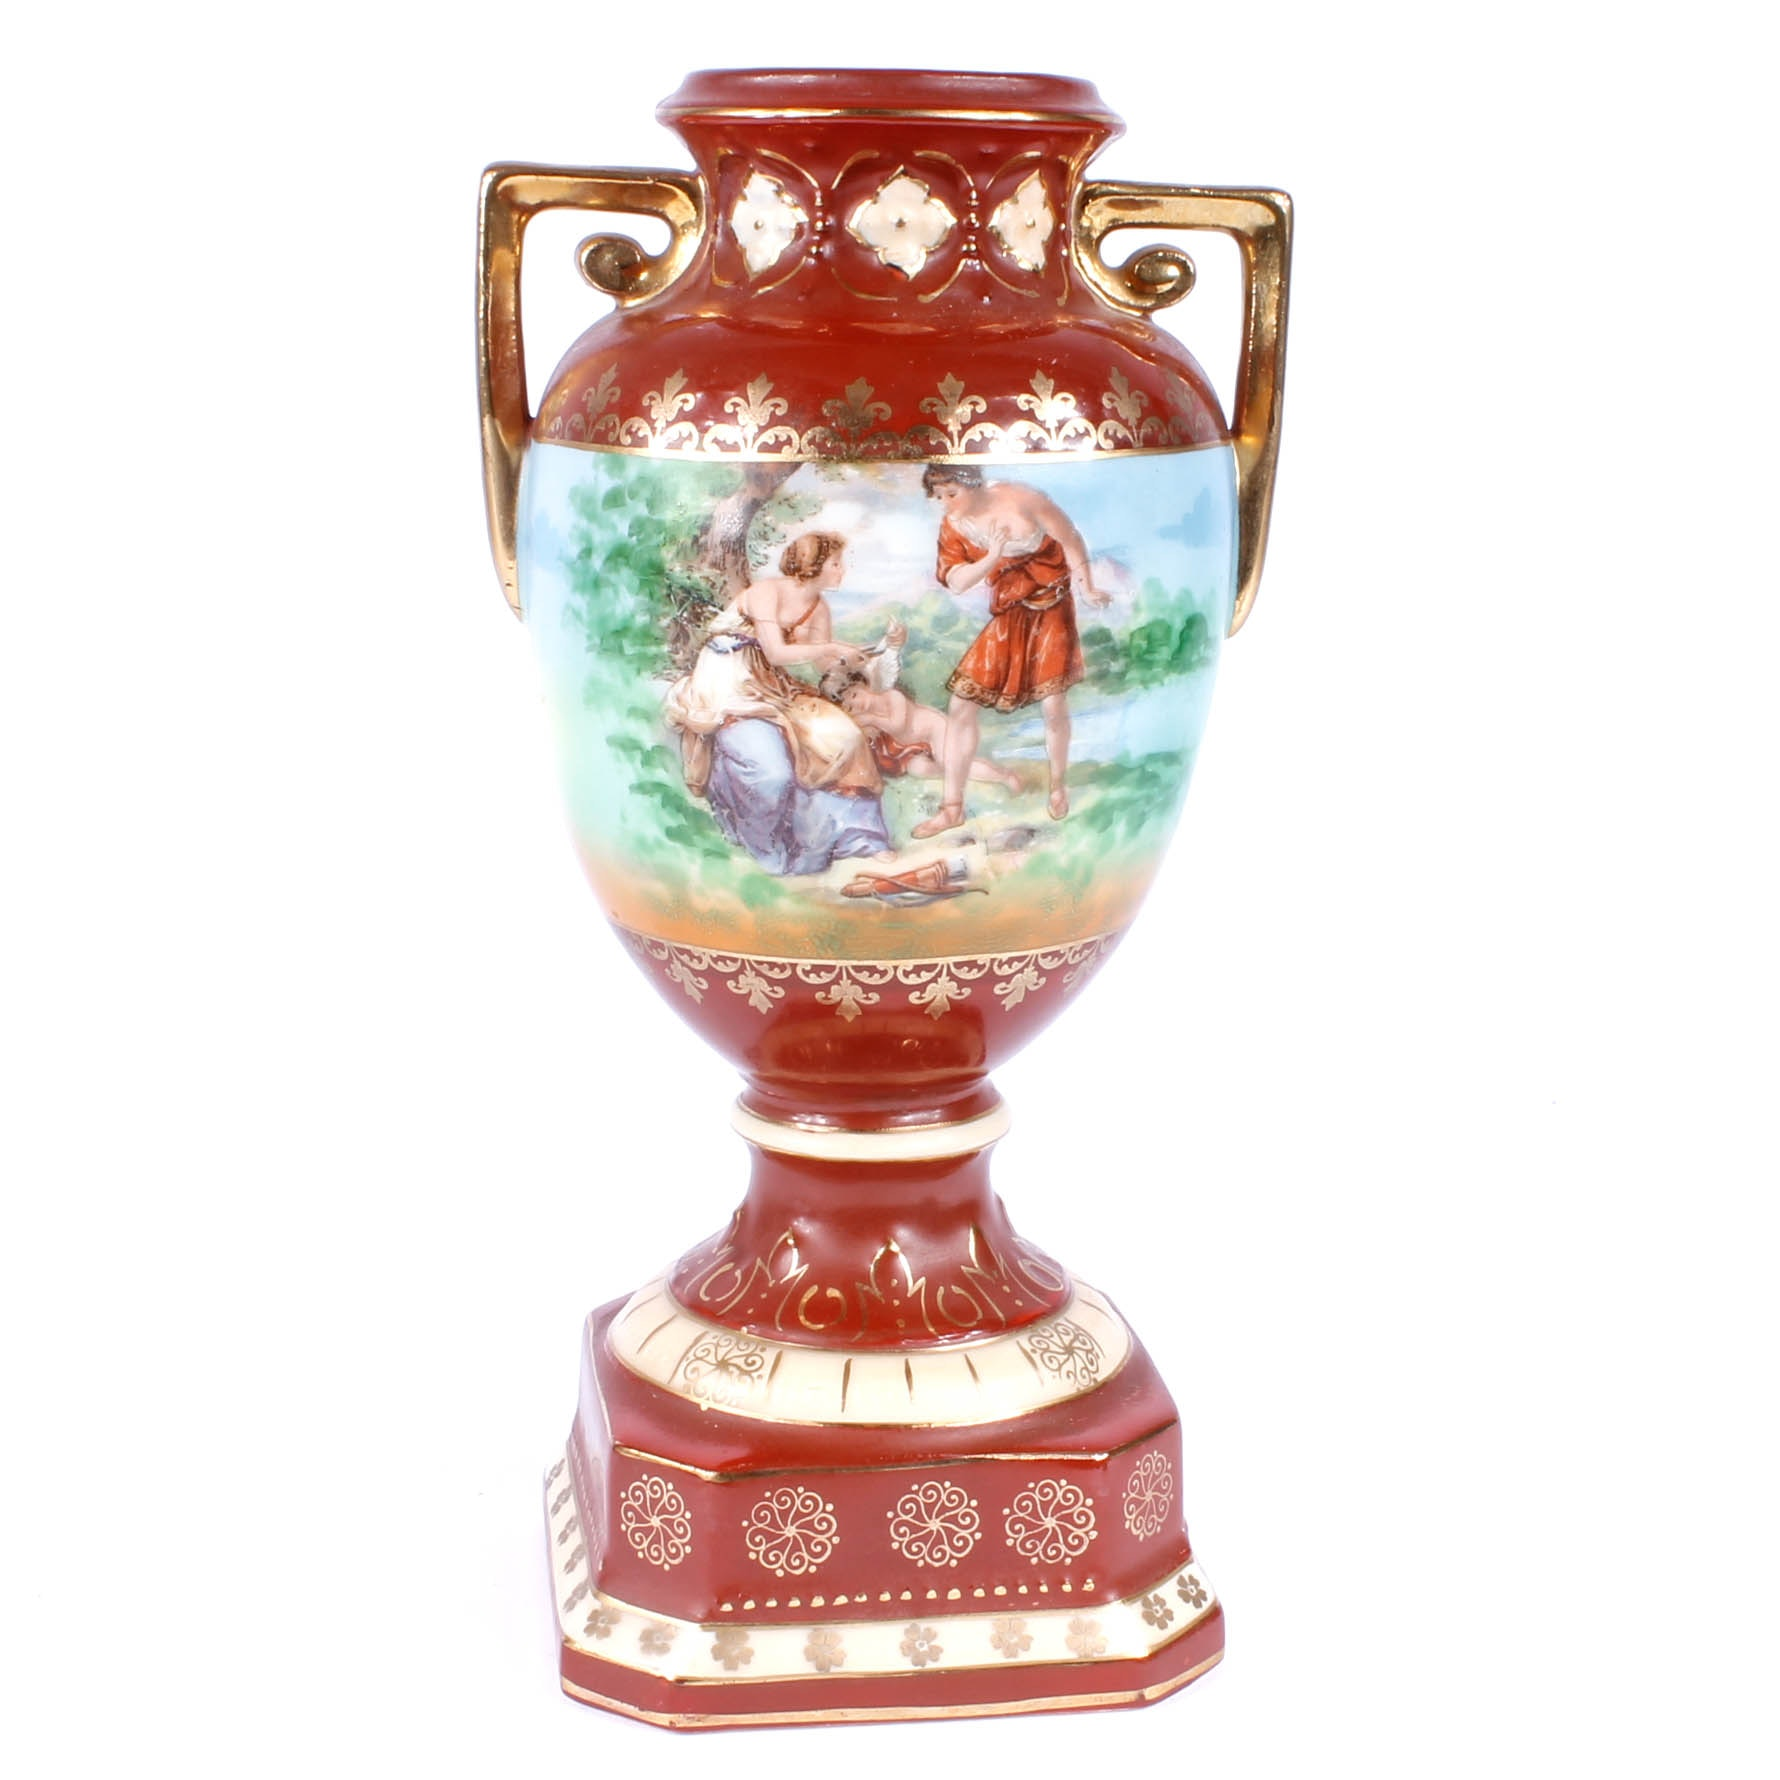 Hand-Painted Vintage Czech Porcelain Vase